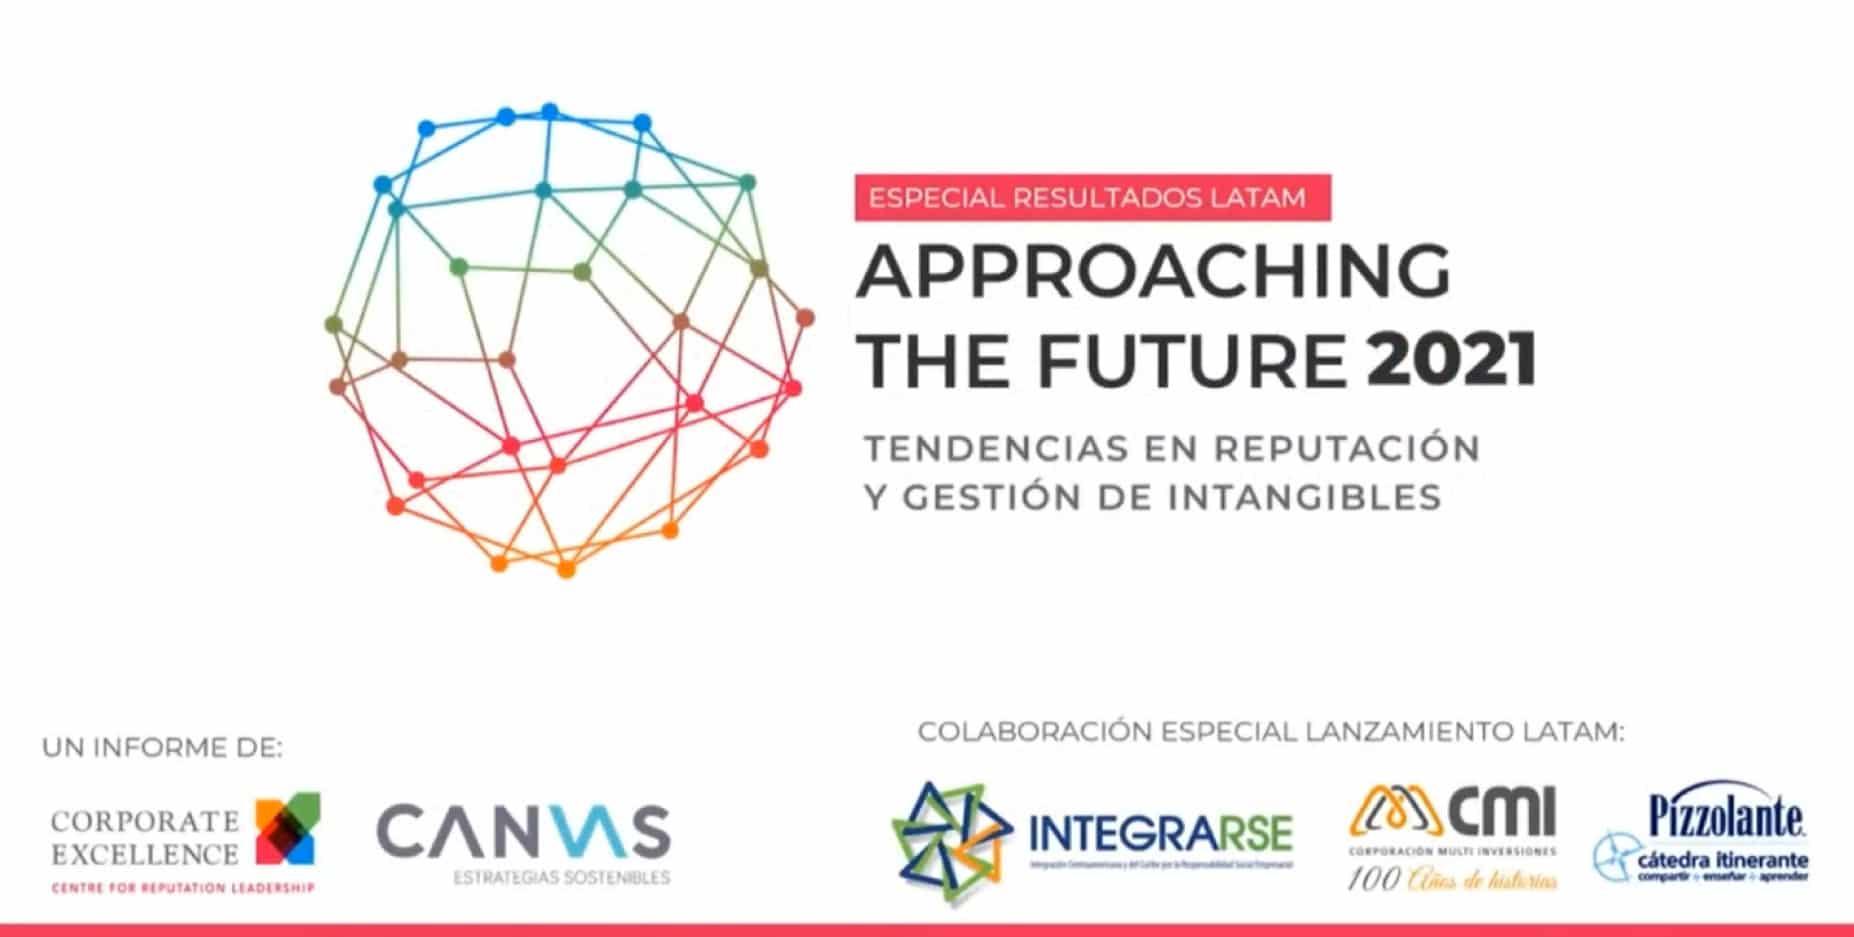 La reputación es más relevante ahora que antes de la pandemia, según el 74% de las organizaciones latinoamericanas